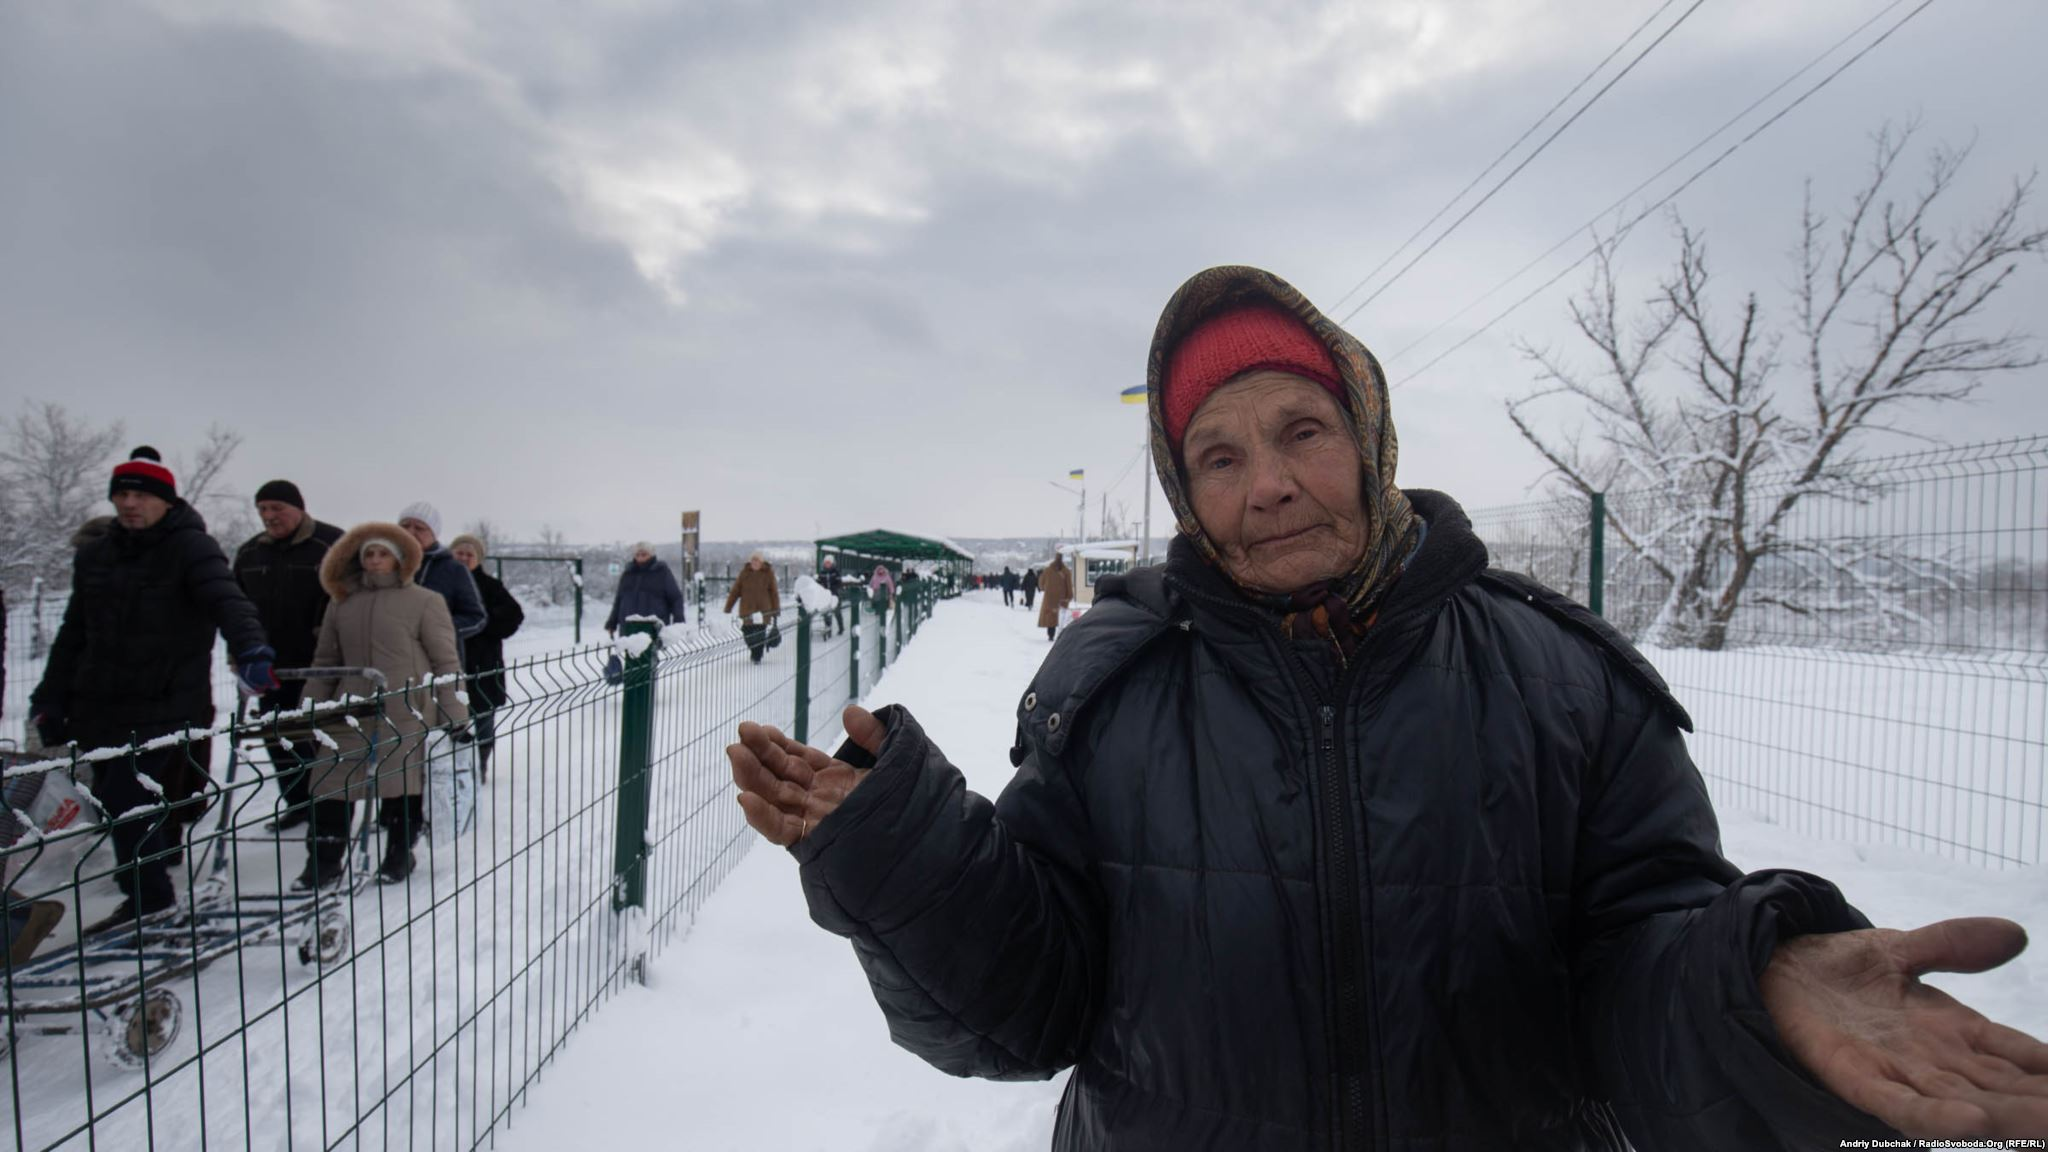 Ніна Миколаївна, 79 років. Мешканка Станиці Луганської. Заробляє, працюючи «тачечнецею» – возить за гроші тачку з продуктами «на той бік». За перетягування однієї порції вантажу зазвичай отримують від 200 до 400 грн. За правилами роботи КПВВ, пройти з товаром (до 75 кг), можна лише раз на день